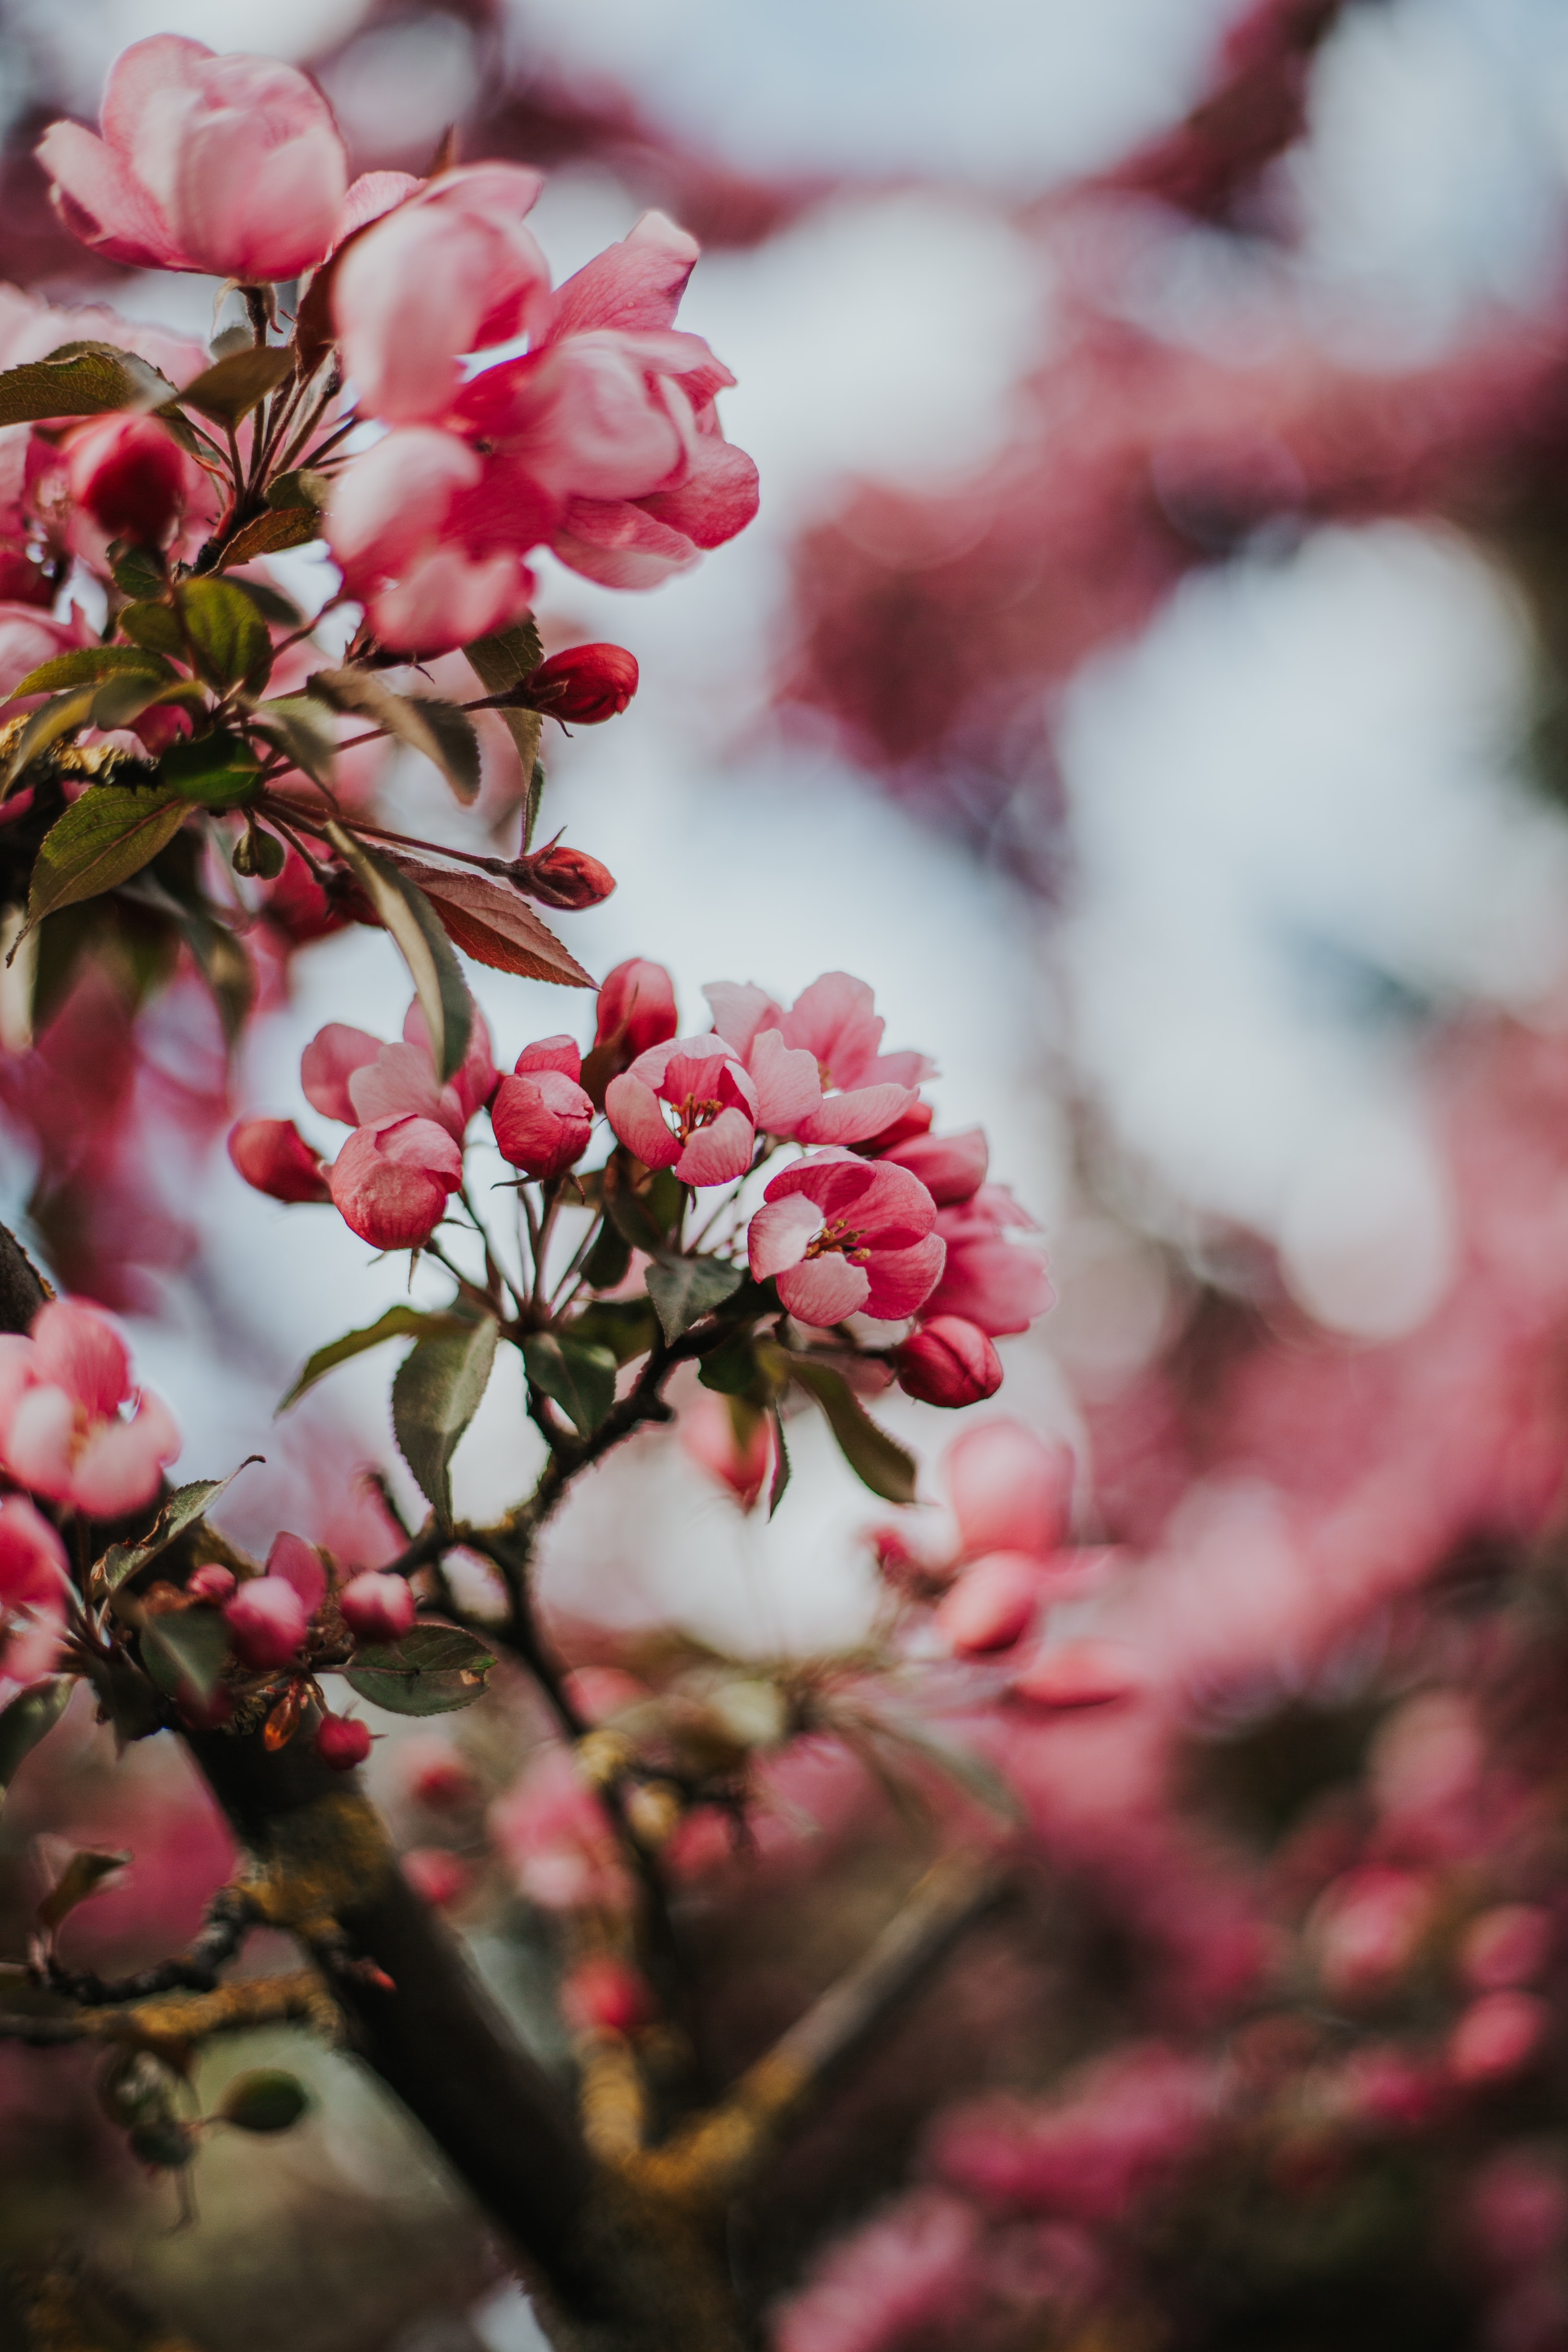 146376 Заставки и Обои Вишня на телефон. Скачать Цветы, Вишня, Сакура, Макро, Розовый картинки бесплатно